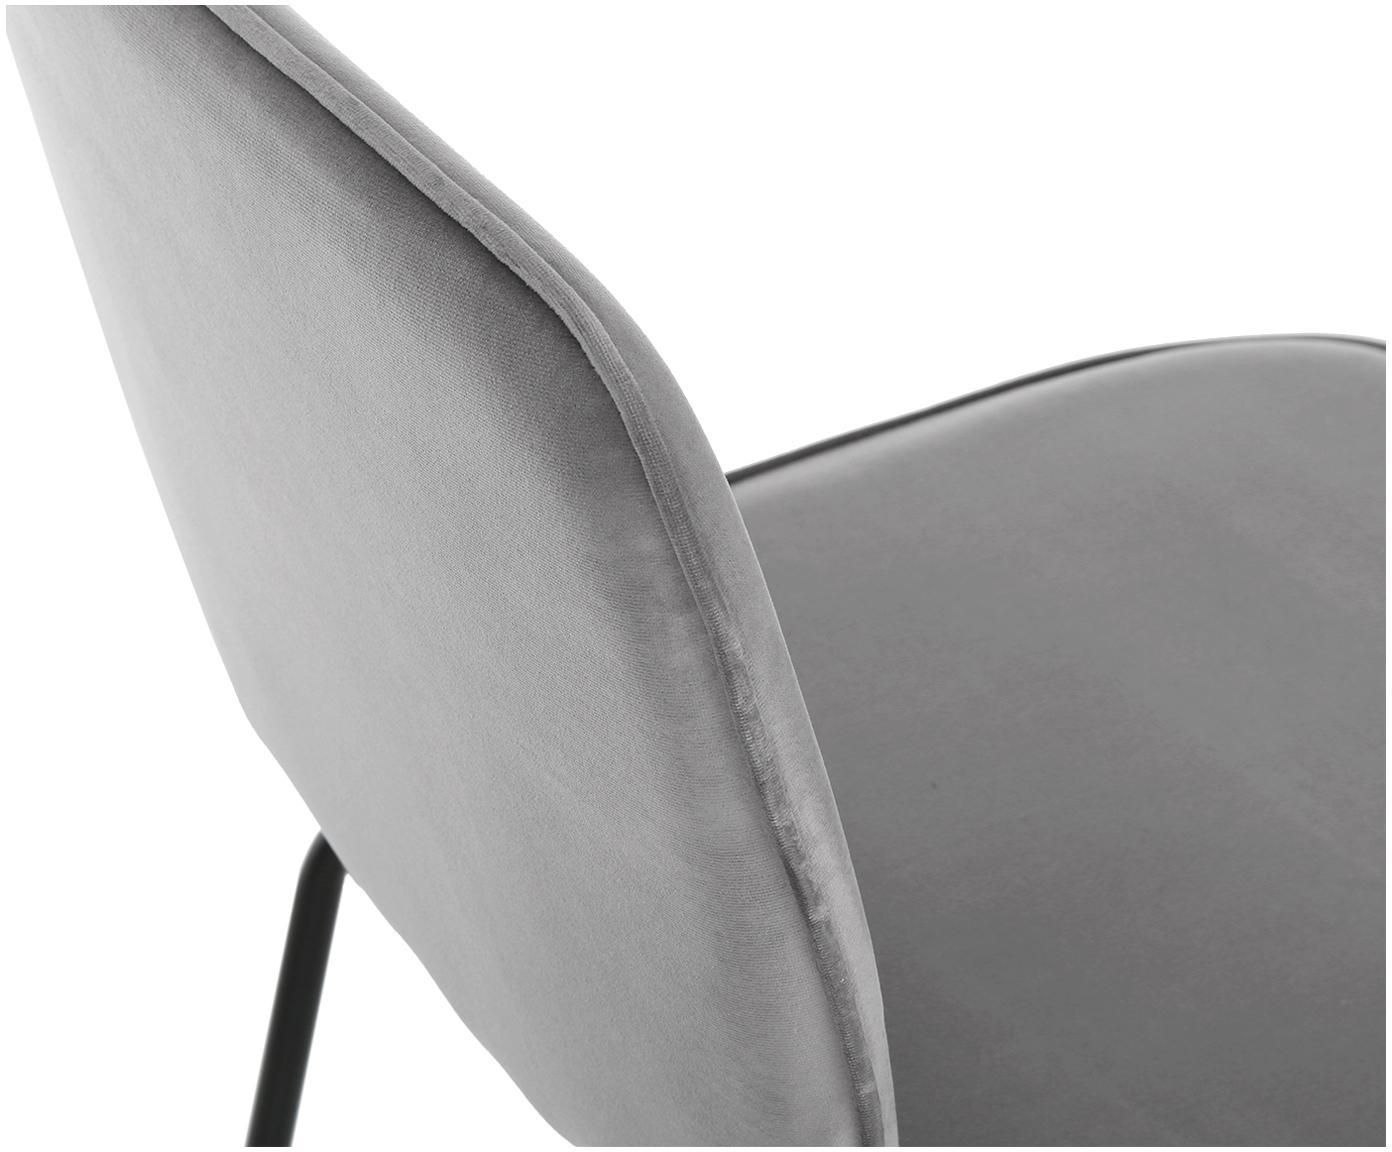 Krzesło tapicerowane z aksamitu Jasper, 2 szt., Tapicerka: aksamit (wysokiej jakości, Nogi: metal malowany proszkowo, Szary, S 49 x G 57 cm